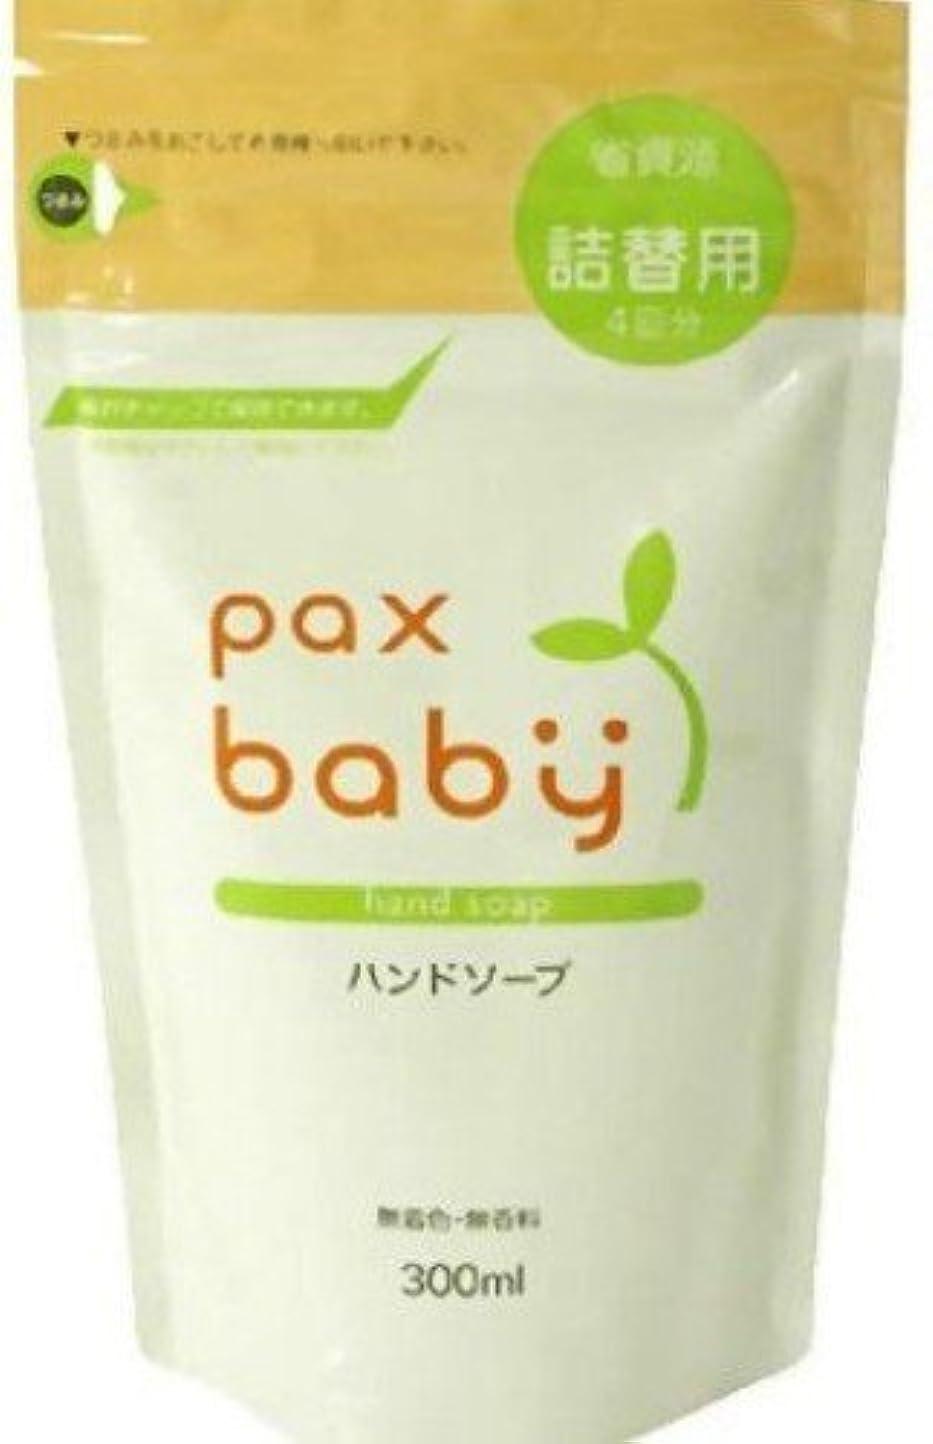 シビック飼料光沢太陽油脂 パックスベビー ハンドソープ 詰替用 300ml (赤ちゃん用 手洗い 石けん)×12点セット (4904735054849)